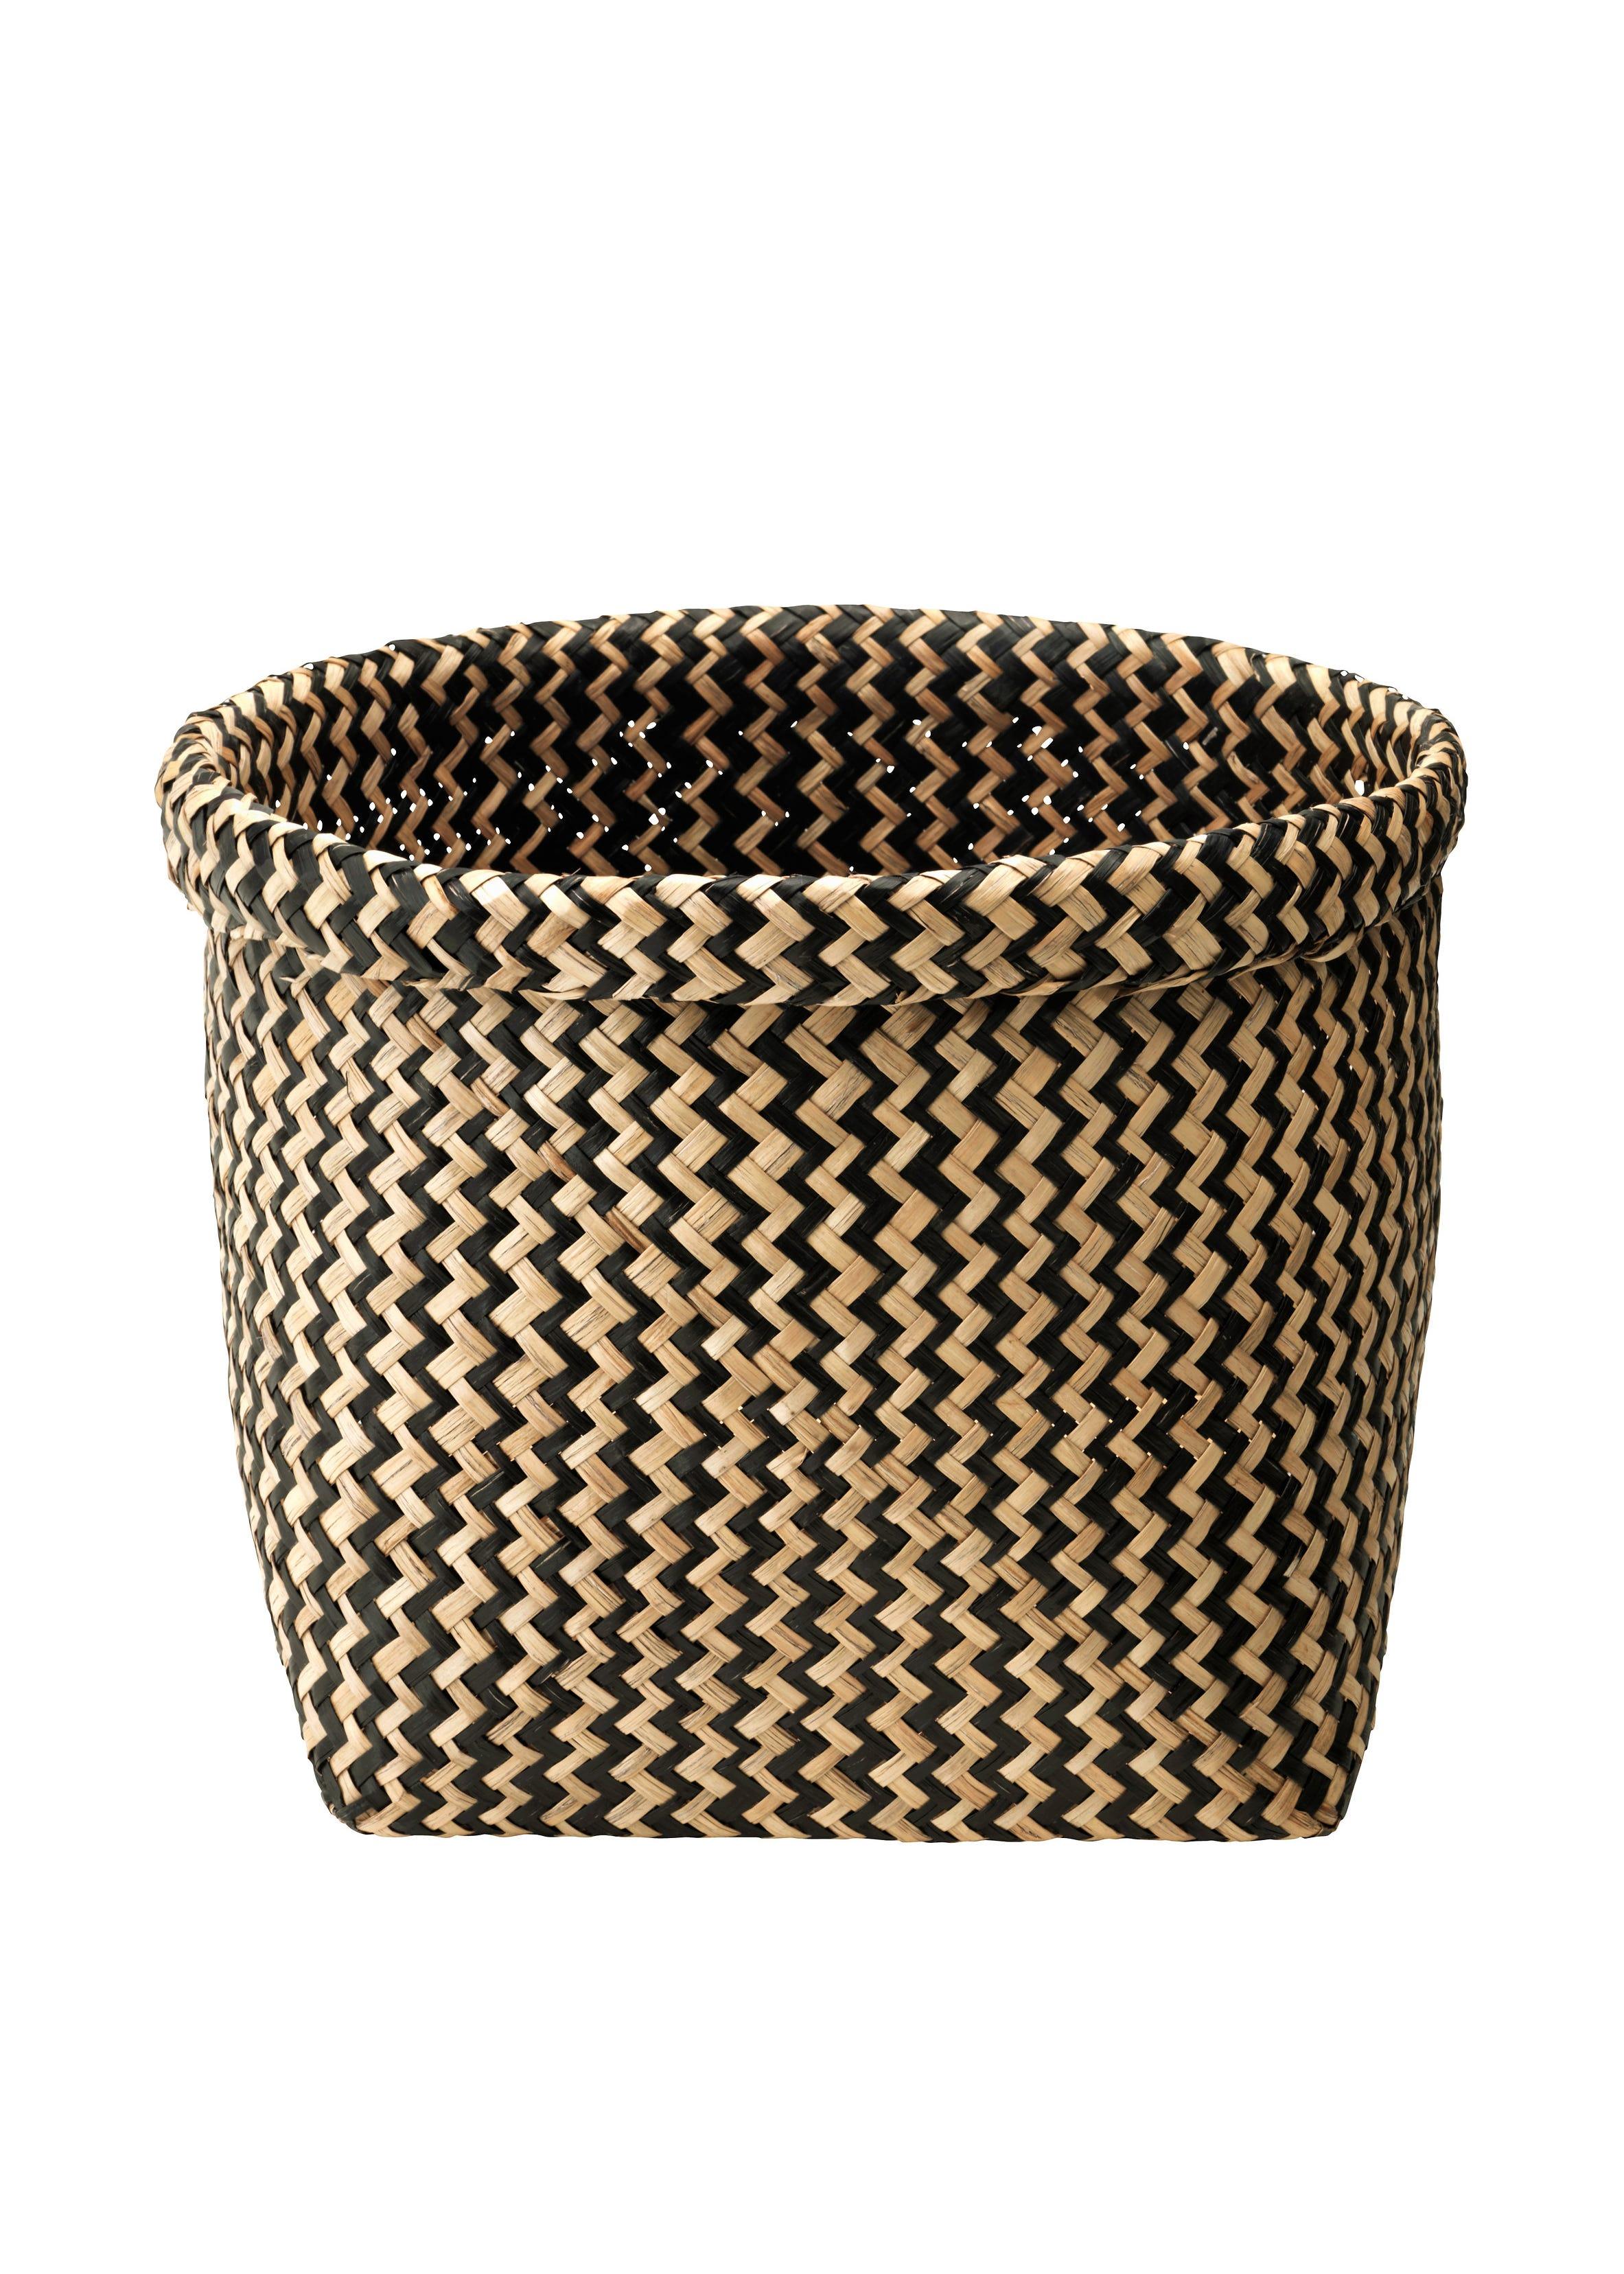 Magga Basket